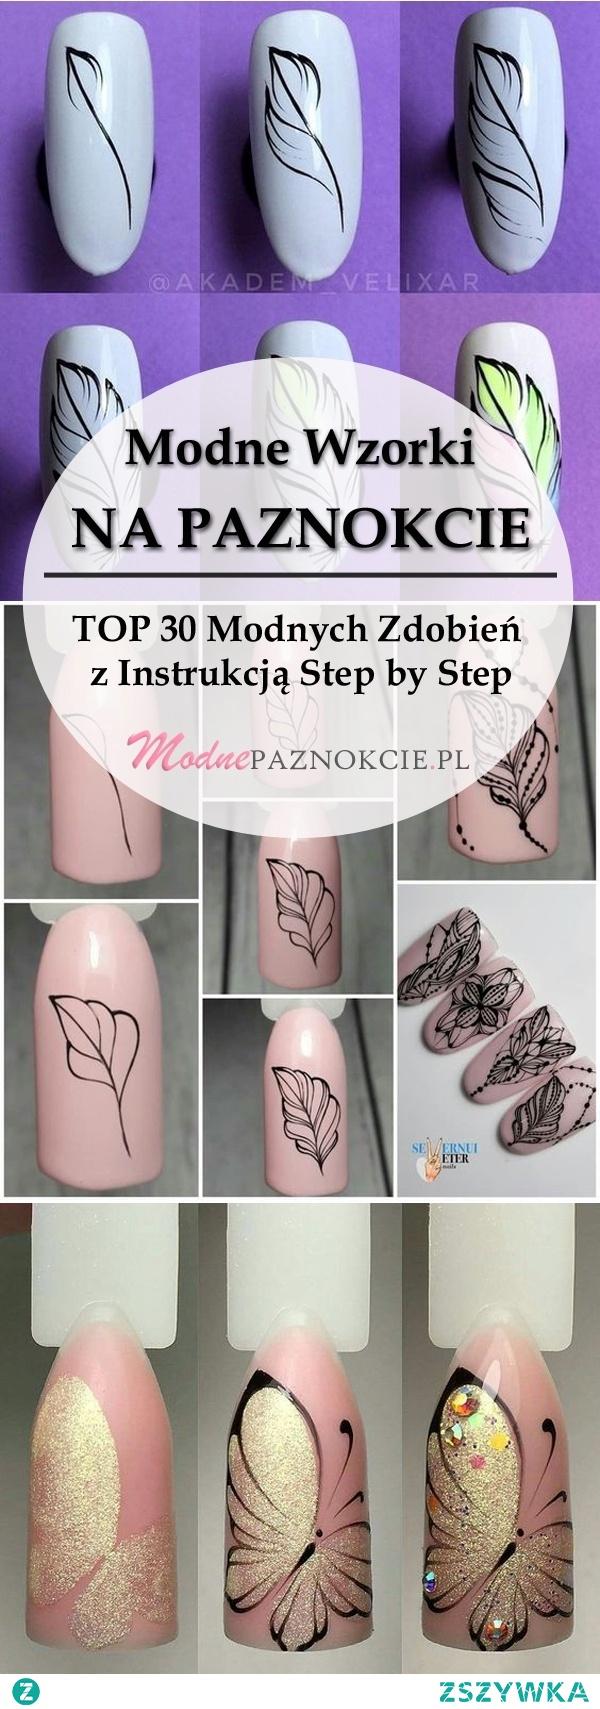 Modne Wzorki na Paznokcie Krok po Kroku – TOP 30 Modnych Zdobień z Instrukcją Step by Step